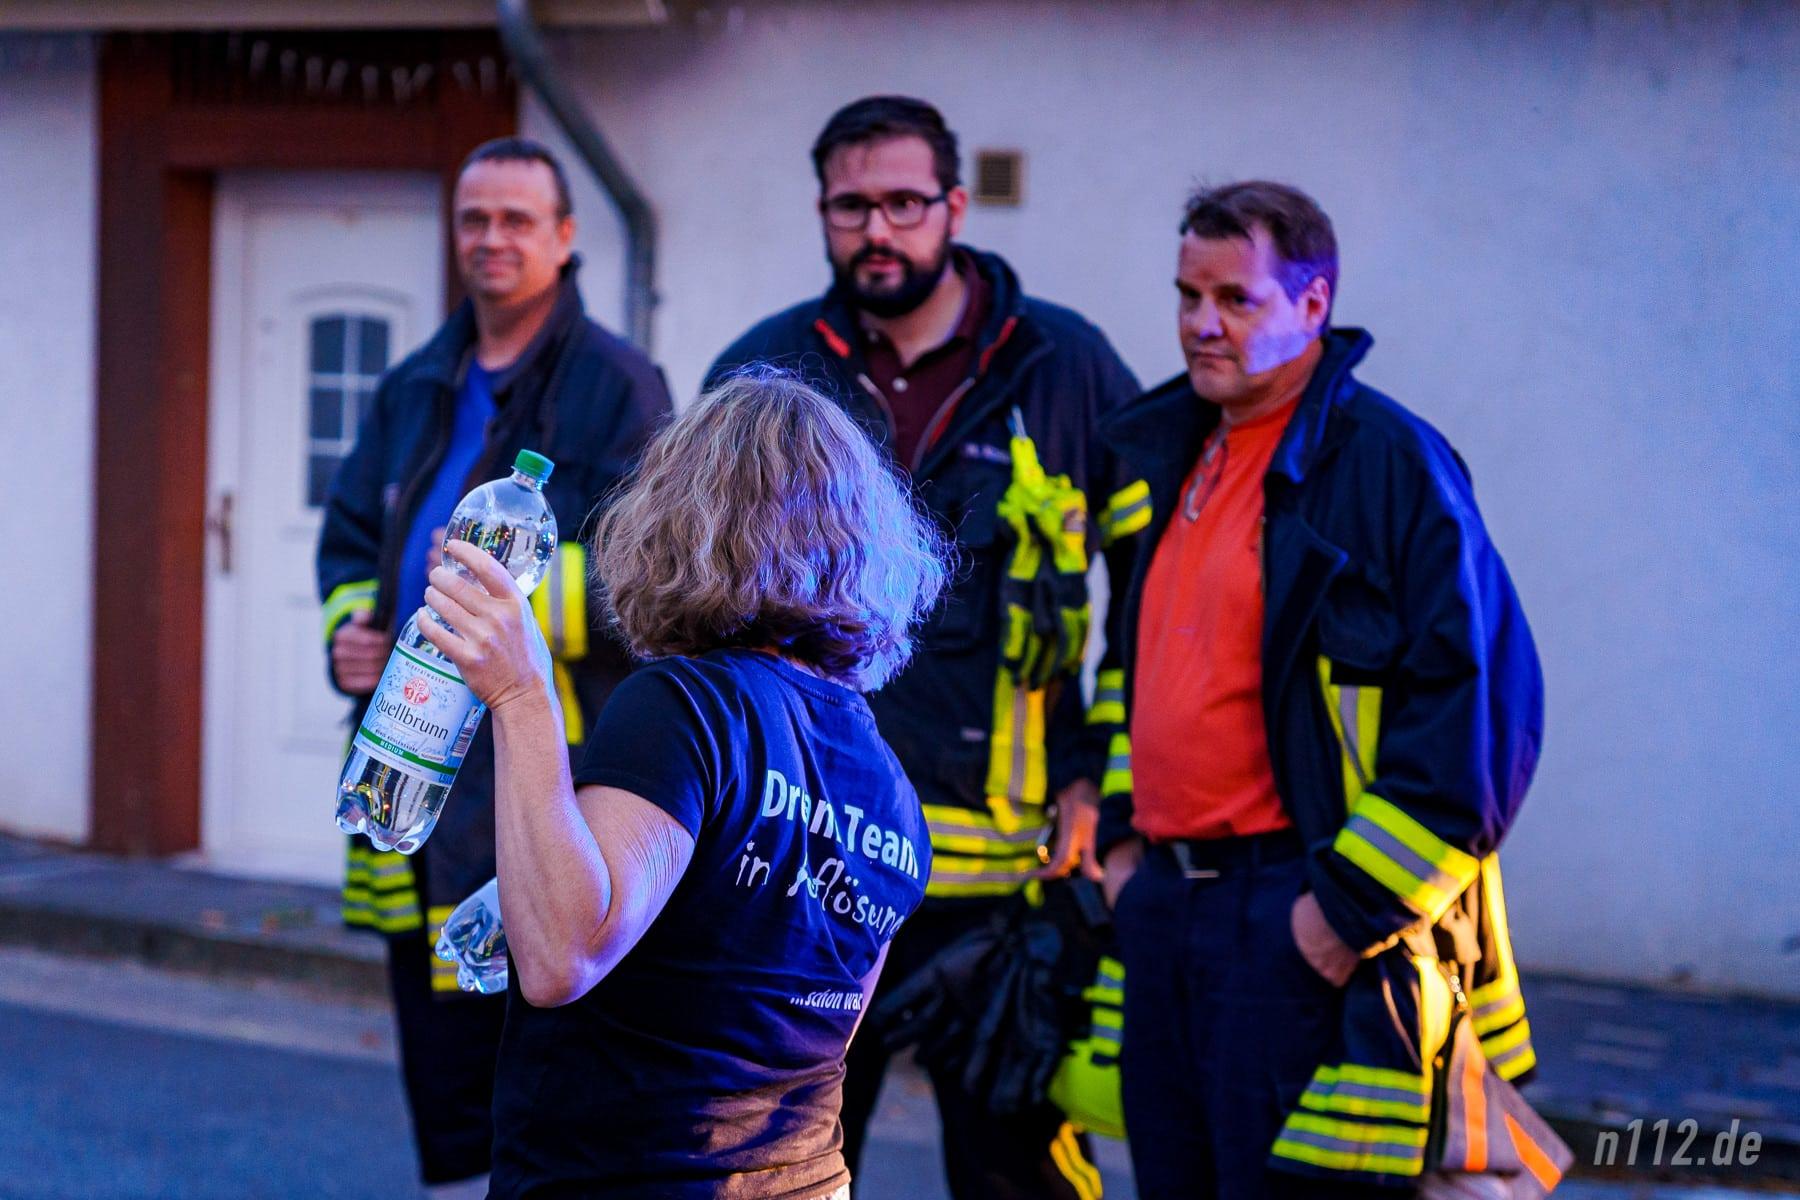 Eine Anwohnerin verteilt Wasserflaschen an die Feuerwehrleute (Foto: n112.de/Stefan Simonsen)